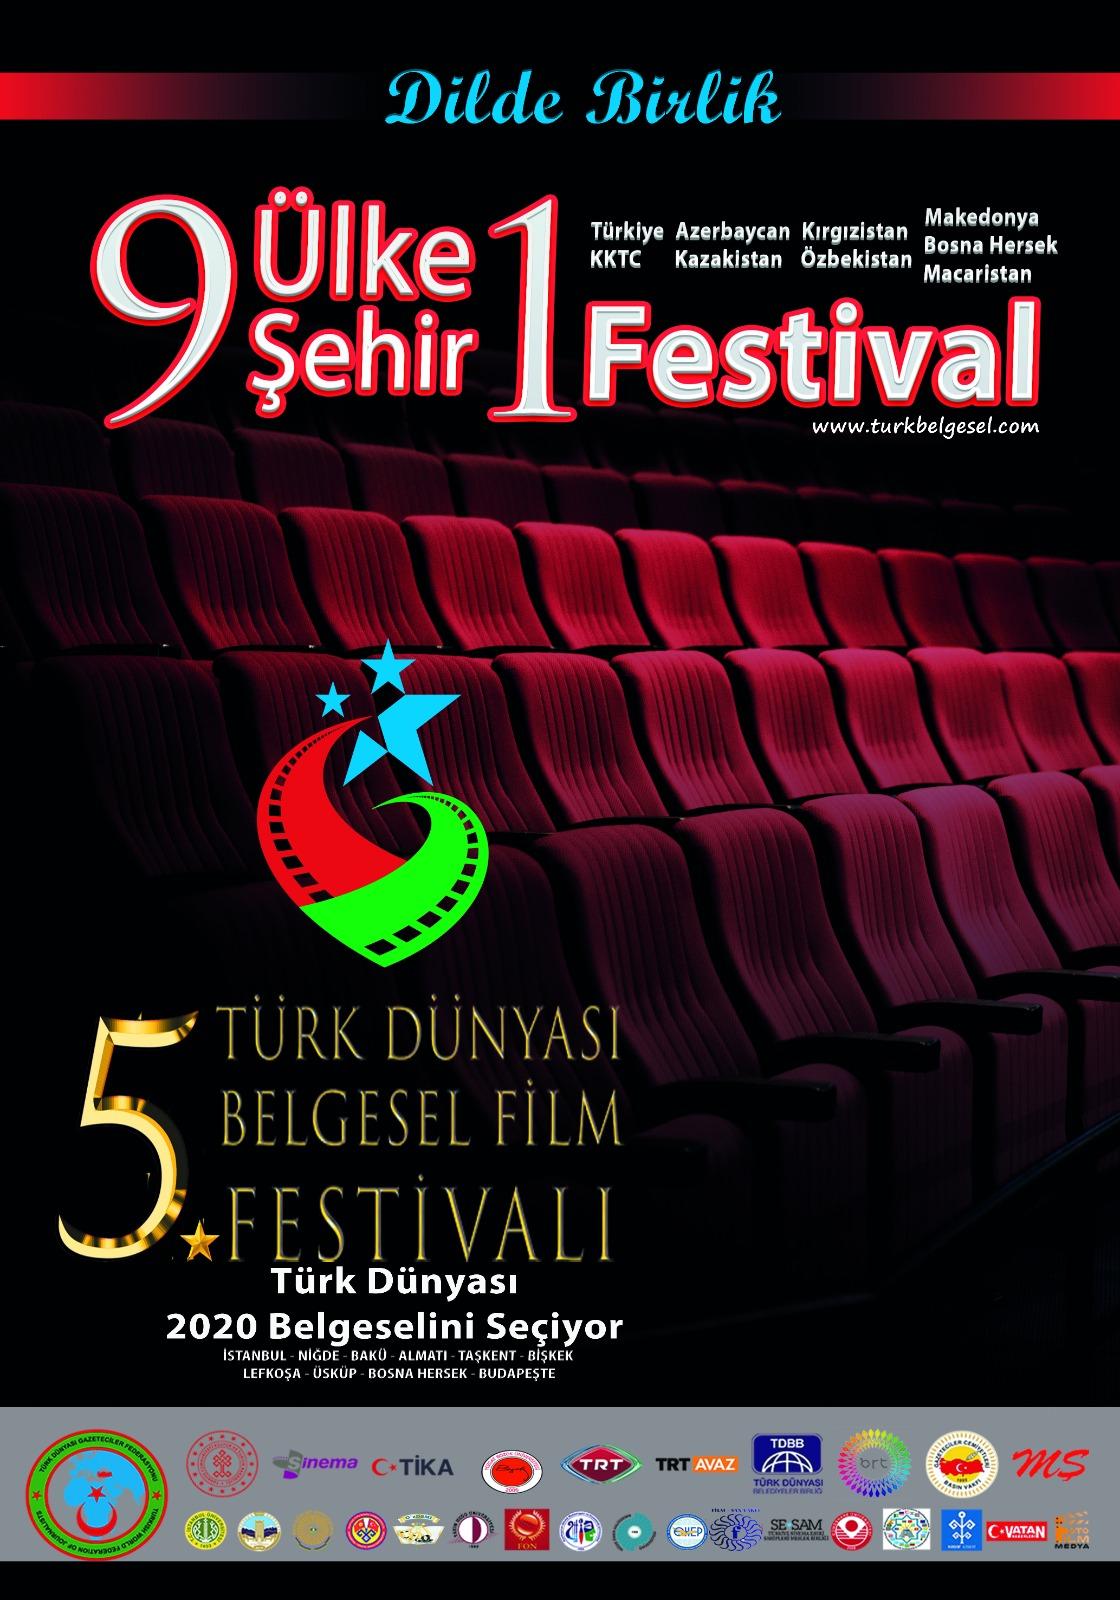 Türk Dünyası Gazeteciler Federasyonu Belgesel Film Festivali Gala törenleri yapılıyor